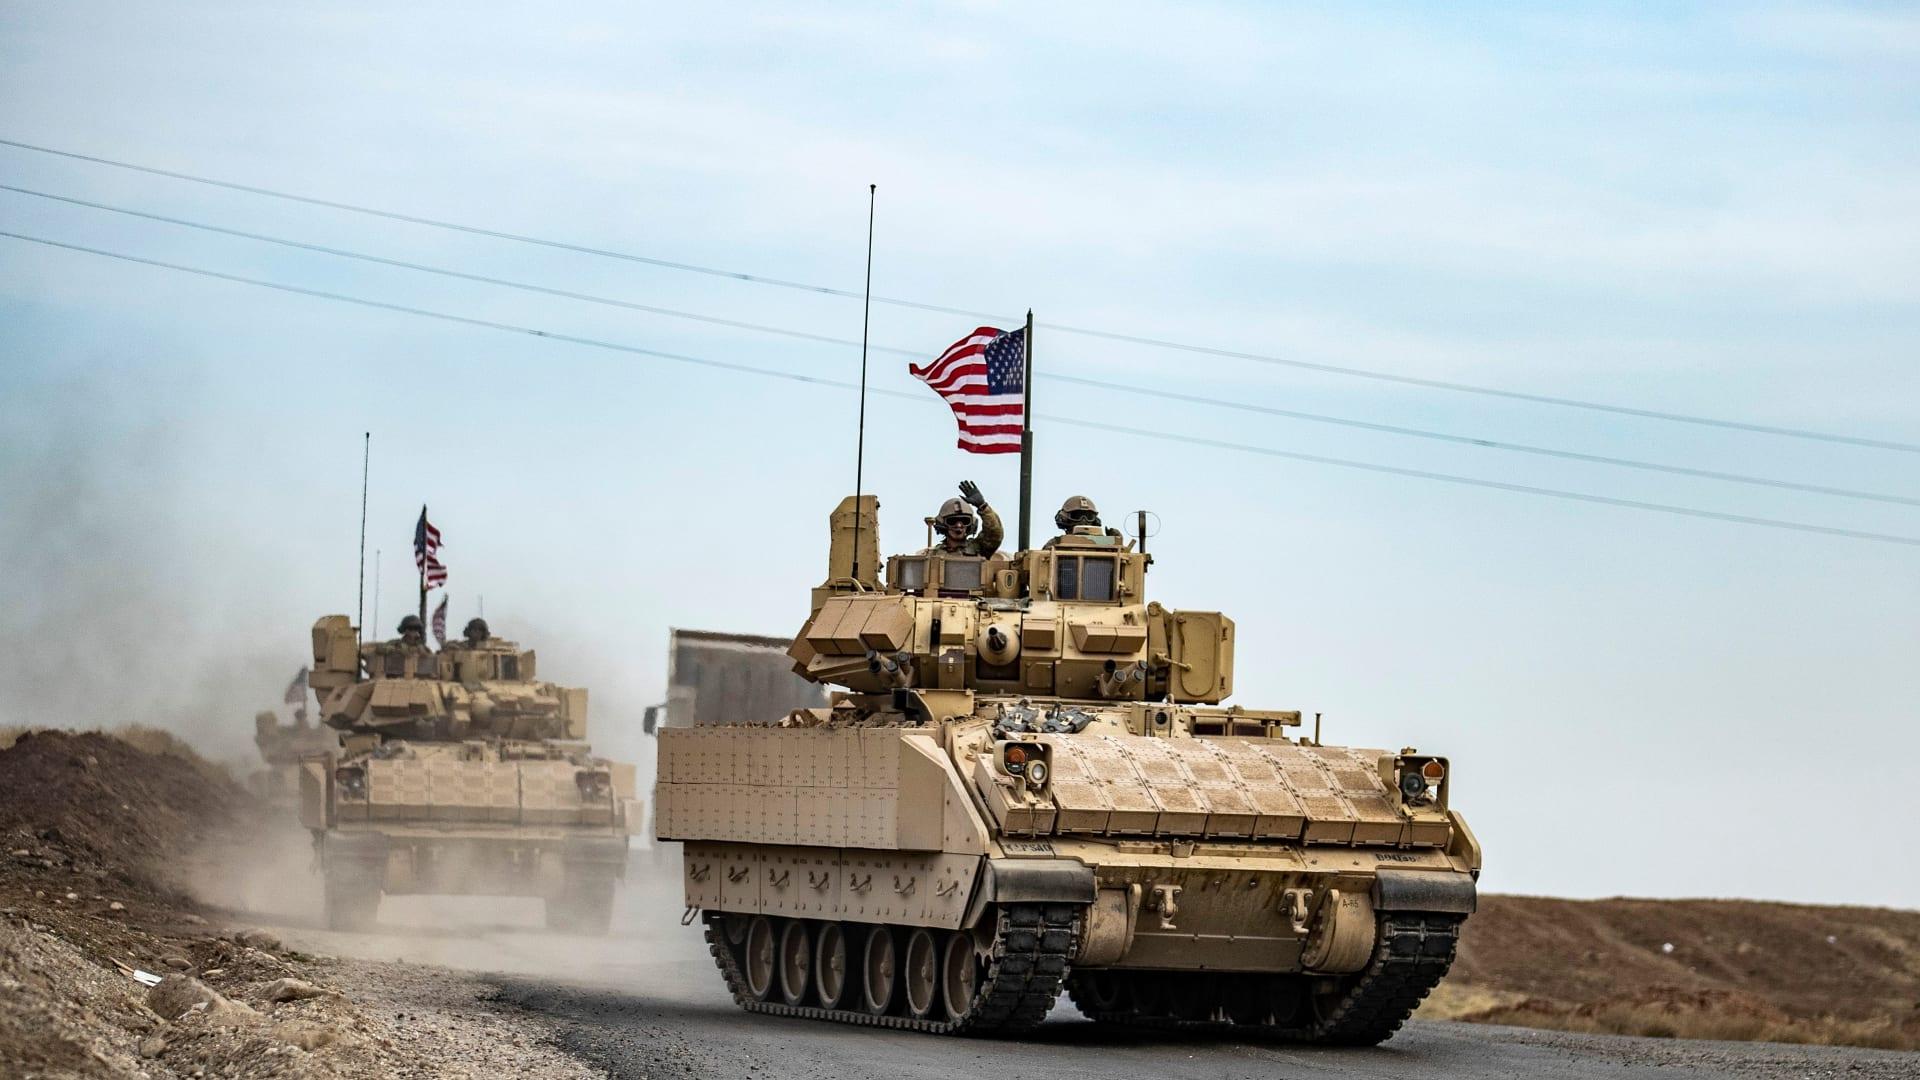 سحب القوات الأمريكية وخفض مستوياتها إلى 2500 في العراق وأفغانستان